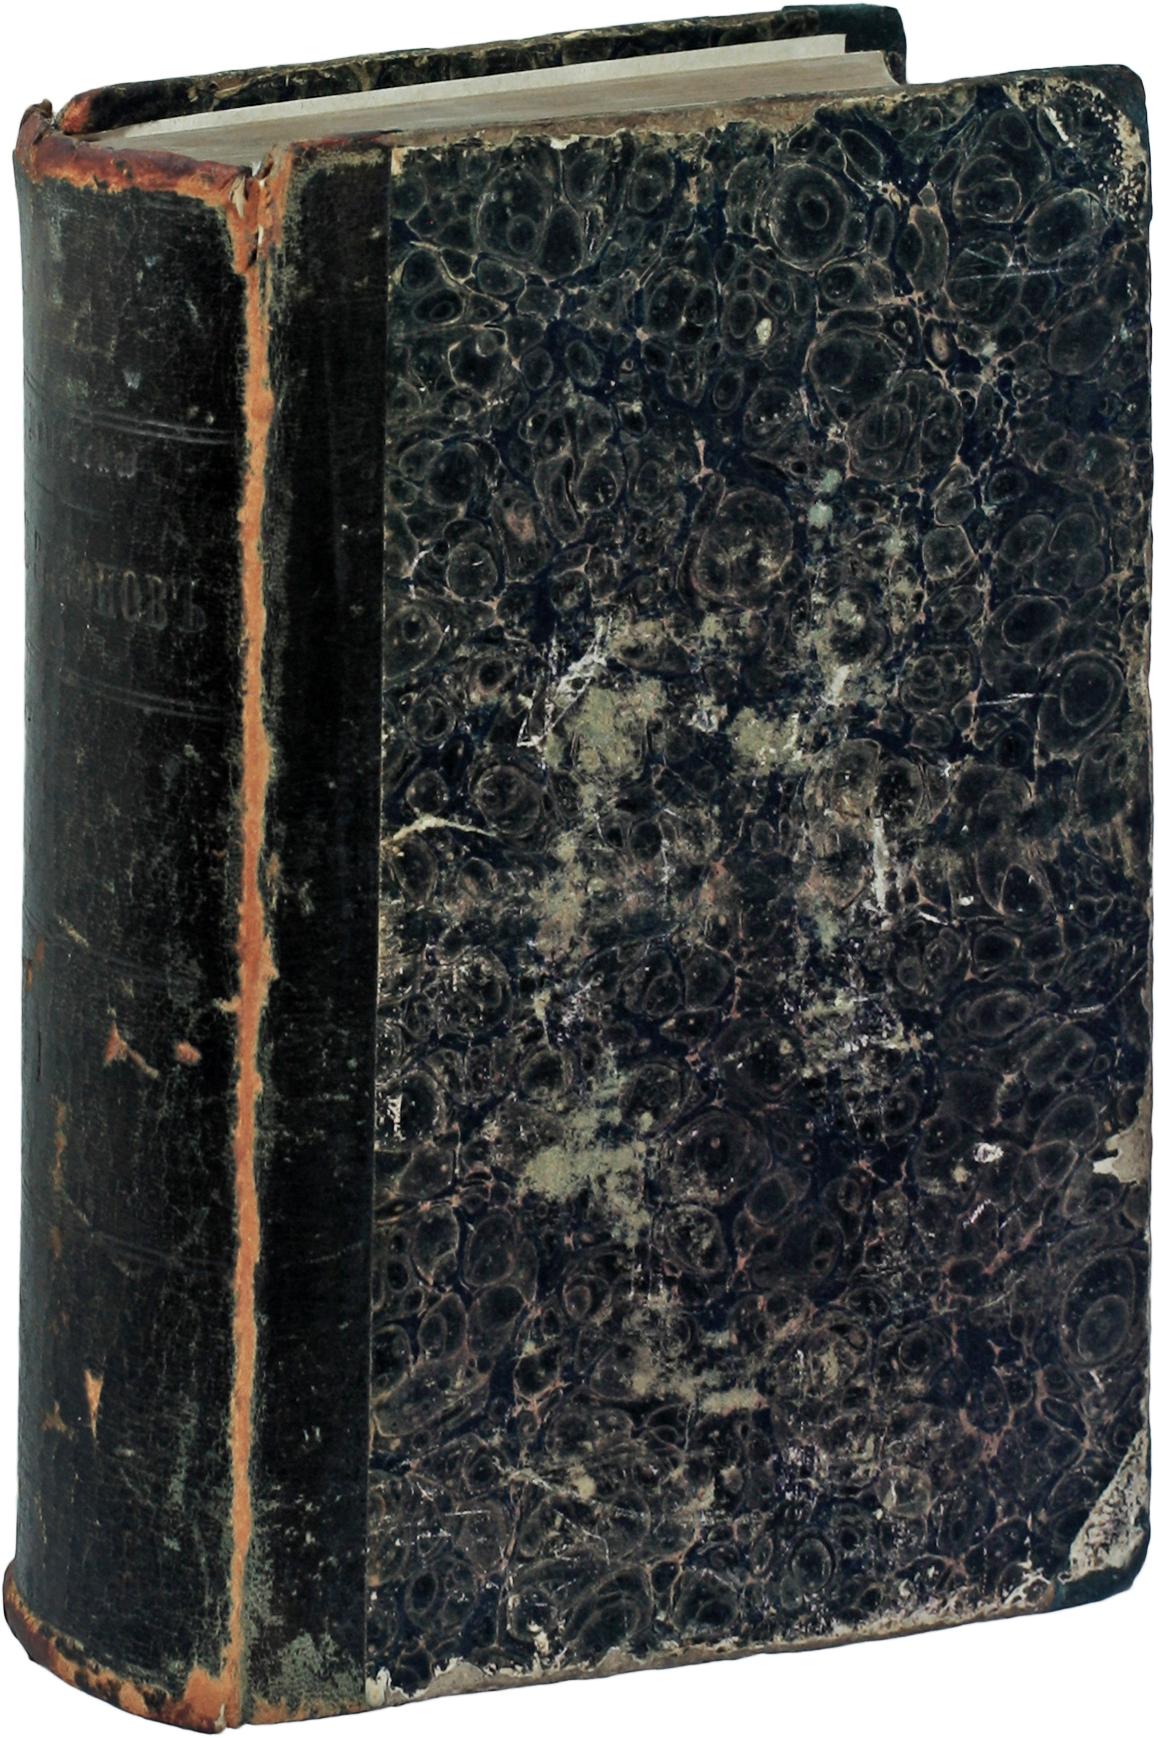 Дух законов. Творение знаменитого французского писателя де Монтескю. В 3-х частях (полный комплект)ПК301004_лимонный, салатовыйСтаринный полукожаный переплет с тиснением. Трактат «О духе законов» (1748) — основной и итоговый труд Ш. Монтескье. Ему философ посвятил около двадцати лет своей жизни. В этой книге Ш.Монтескье обобщил и привел в систему свои философские, социологические, правовые, экономические и исторические взгляды. В ней он сформулировал и обосновал принцип разделения властей, что современники считали важнейшей заслугой ученого. В вопросе о политическом равенстве влияние Монтескье видится почти исключительным. Он был первым и самым крупным провозвестником свободы и разума. Книга Монтескье сыграла определяющую роль в формировании законодательства революционной Франции, на его идеи опирались и убежденные республиканцы, и приверженцы ограниченной монархии. Все политические силы находили что-то свое во взглядах философа и предлагали разнообразные пути их интерпретации и практического использования. Теория Монтескье повлияла на законодательства многих стран, демократических и не только. В России...